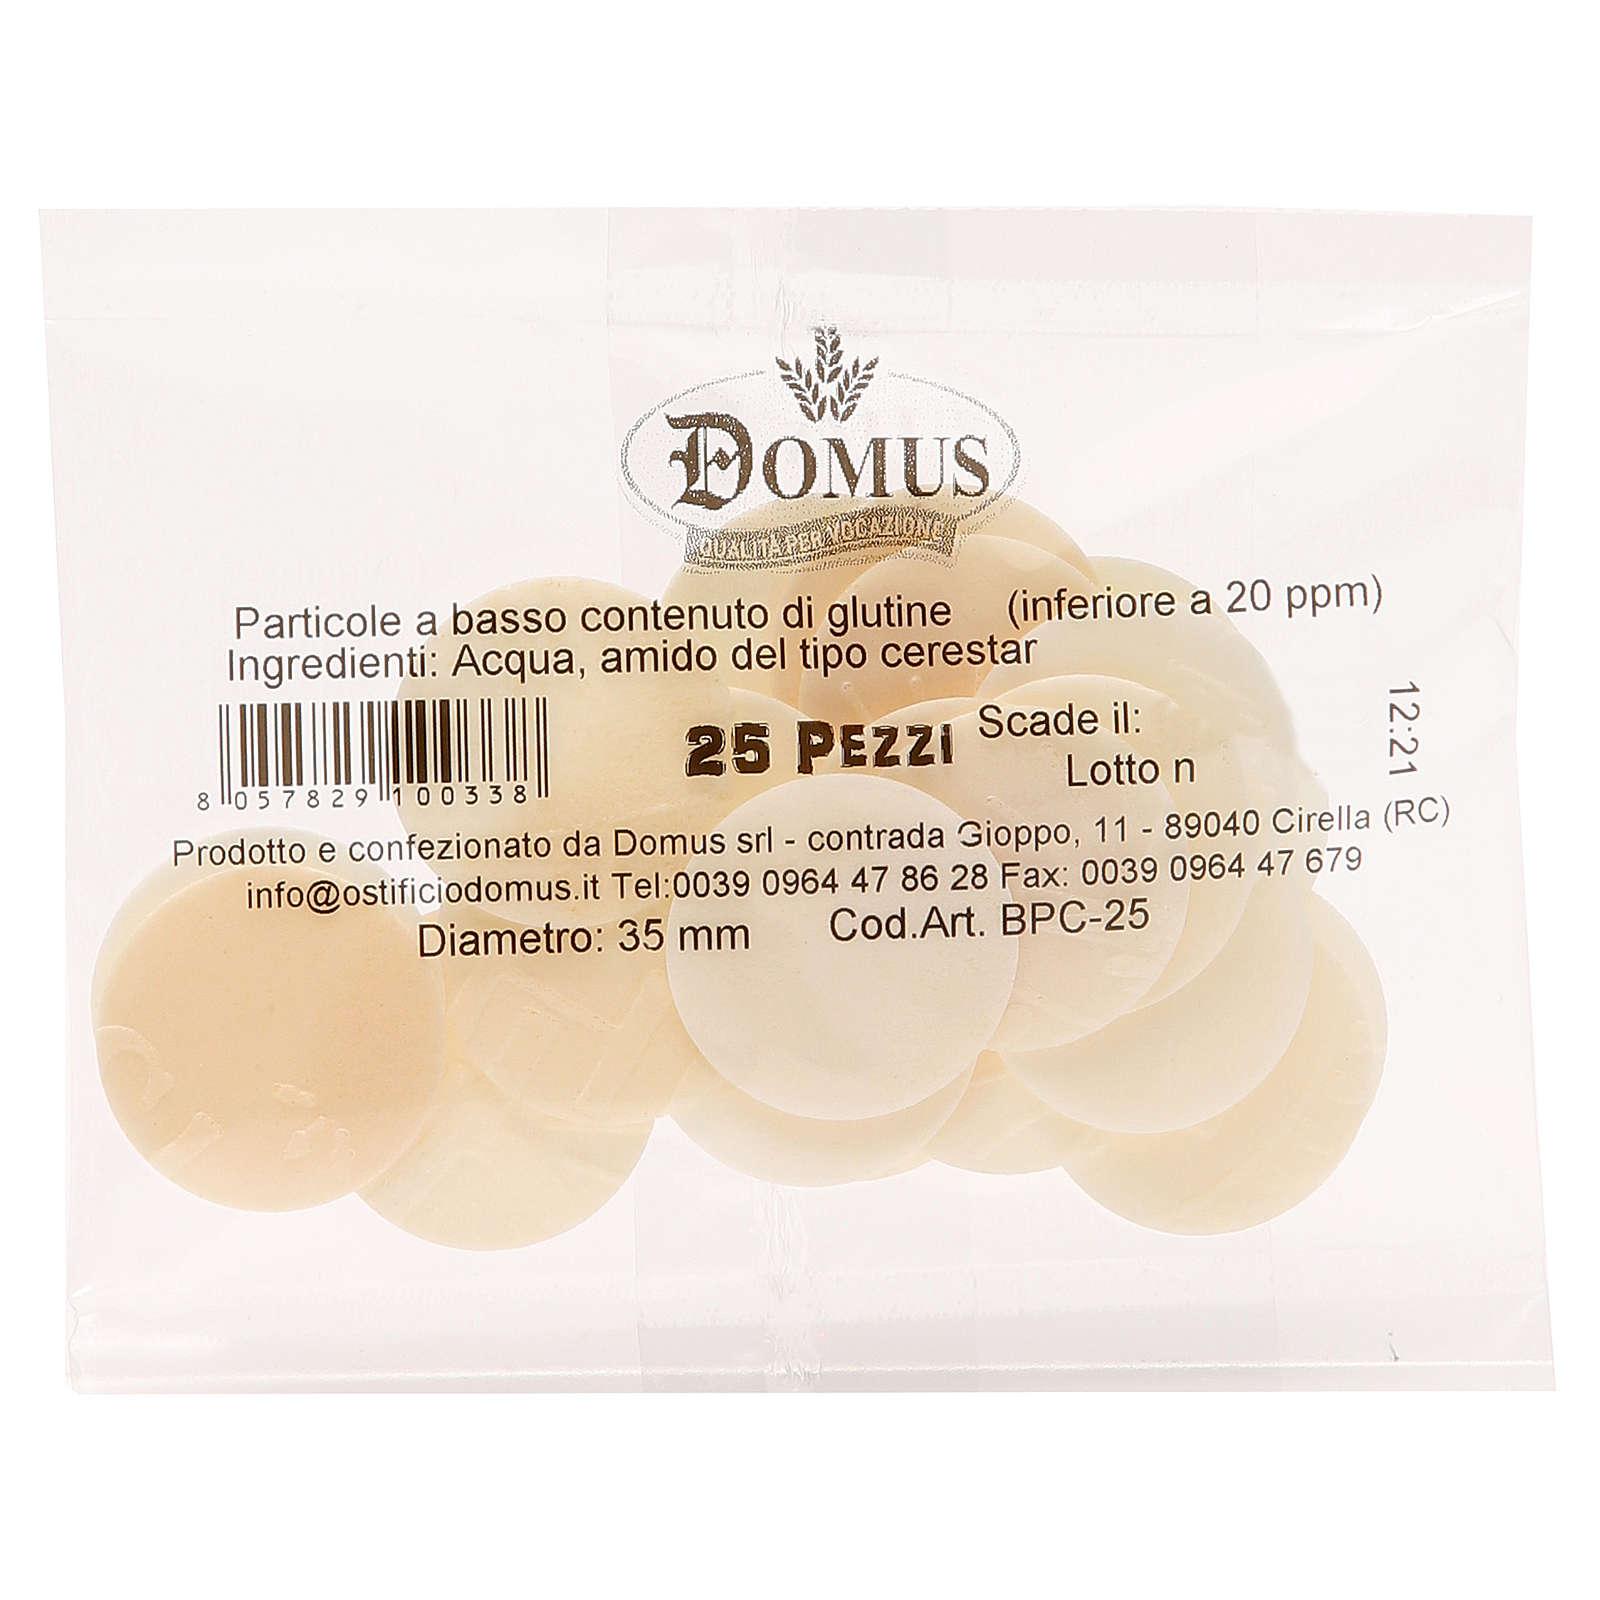 Particola basso contenuto di glutine celiaci 35 mm 3